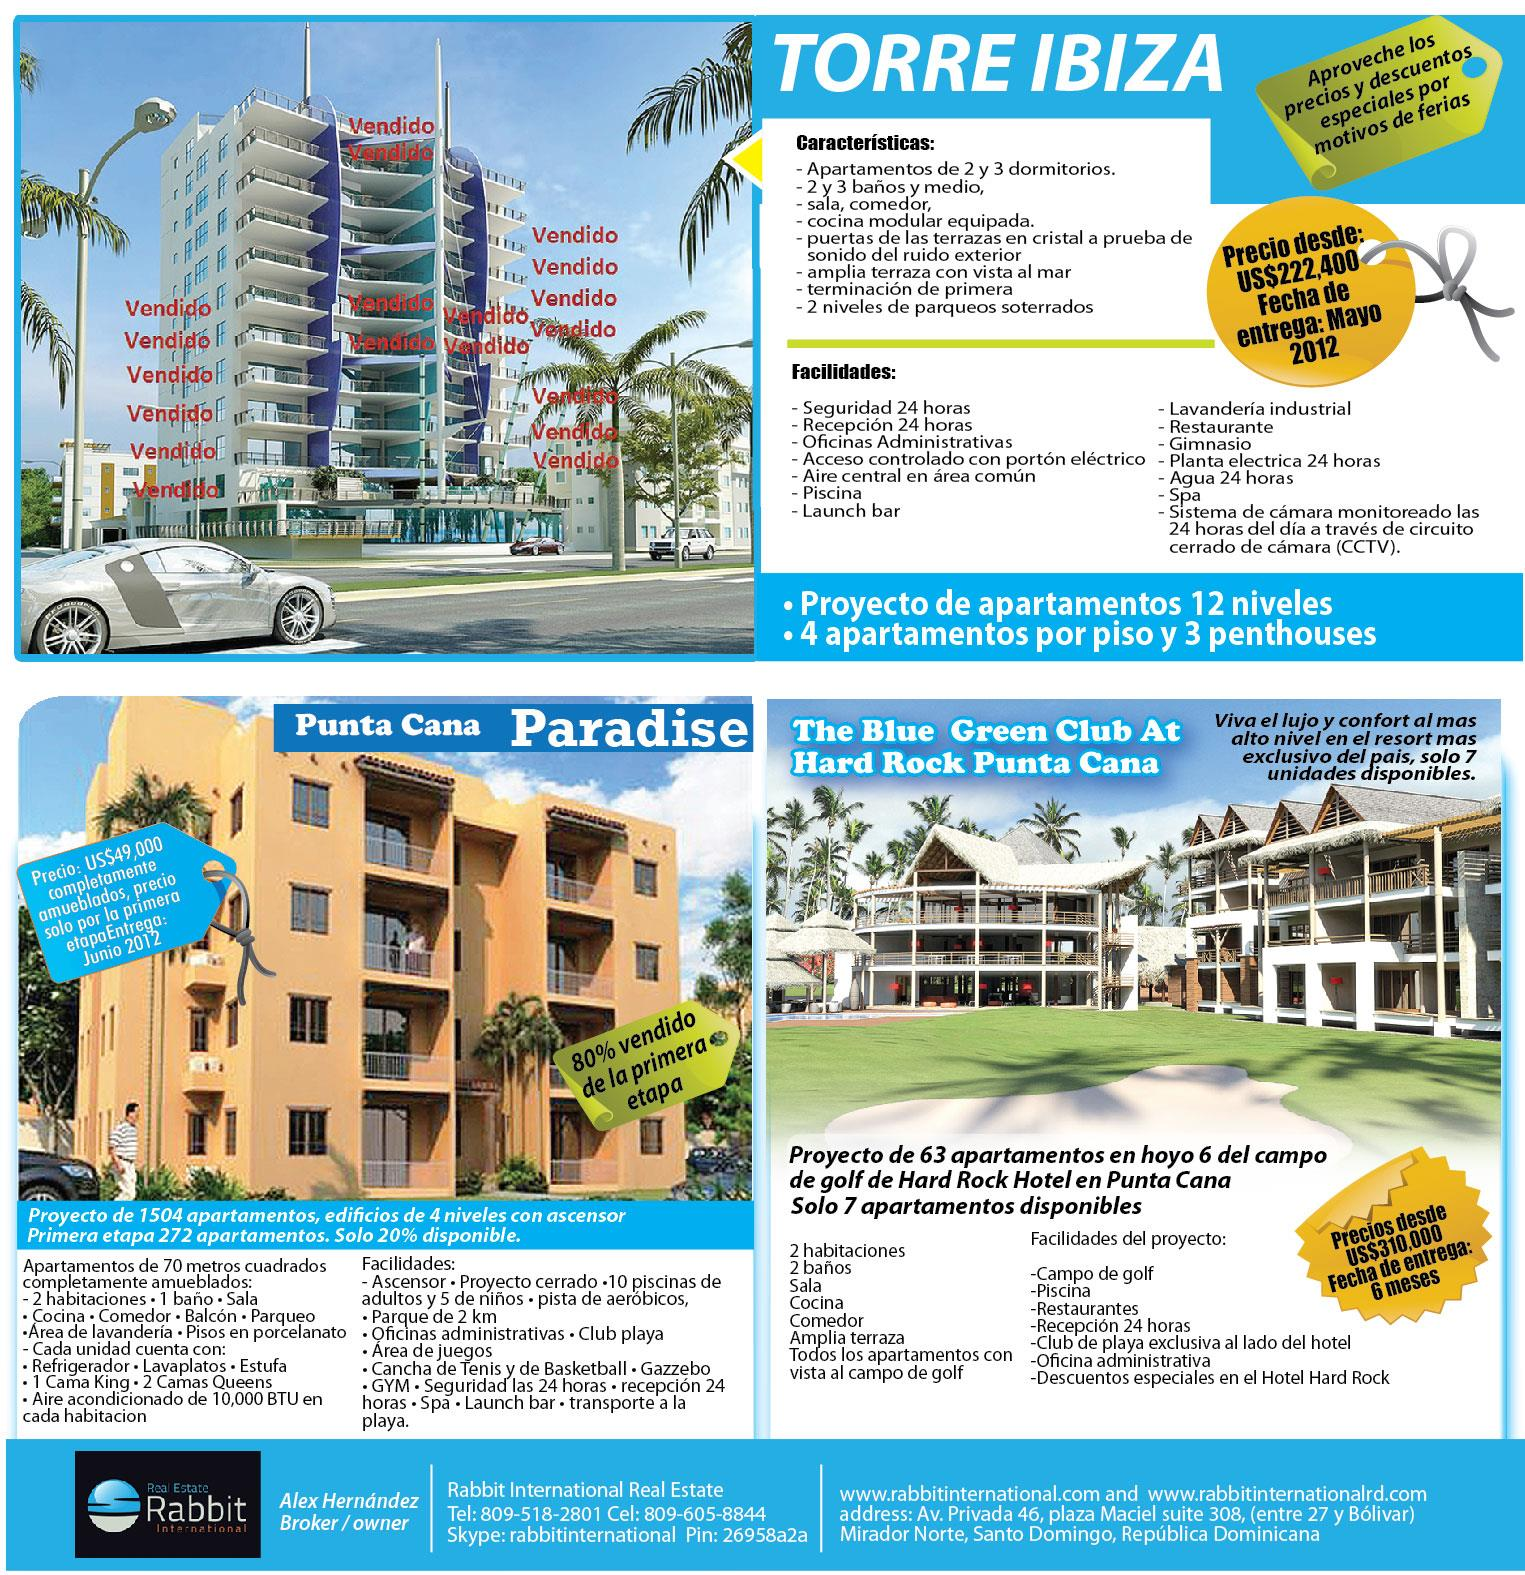 Dominican Republic Real Estate For Sale